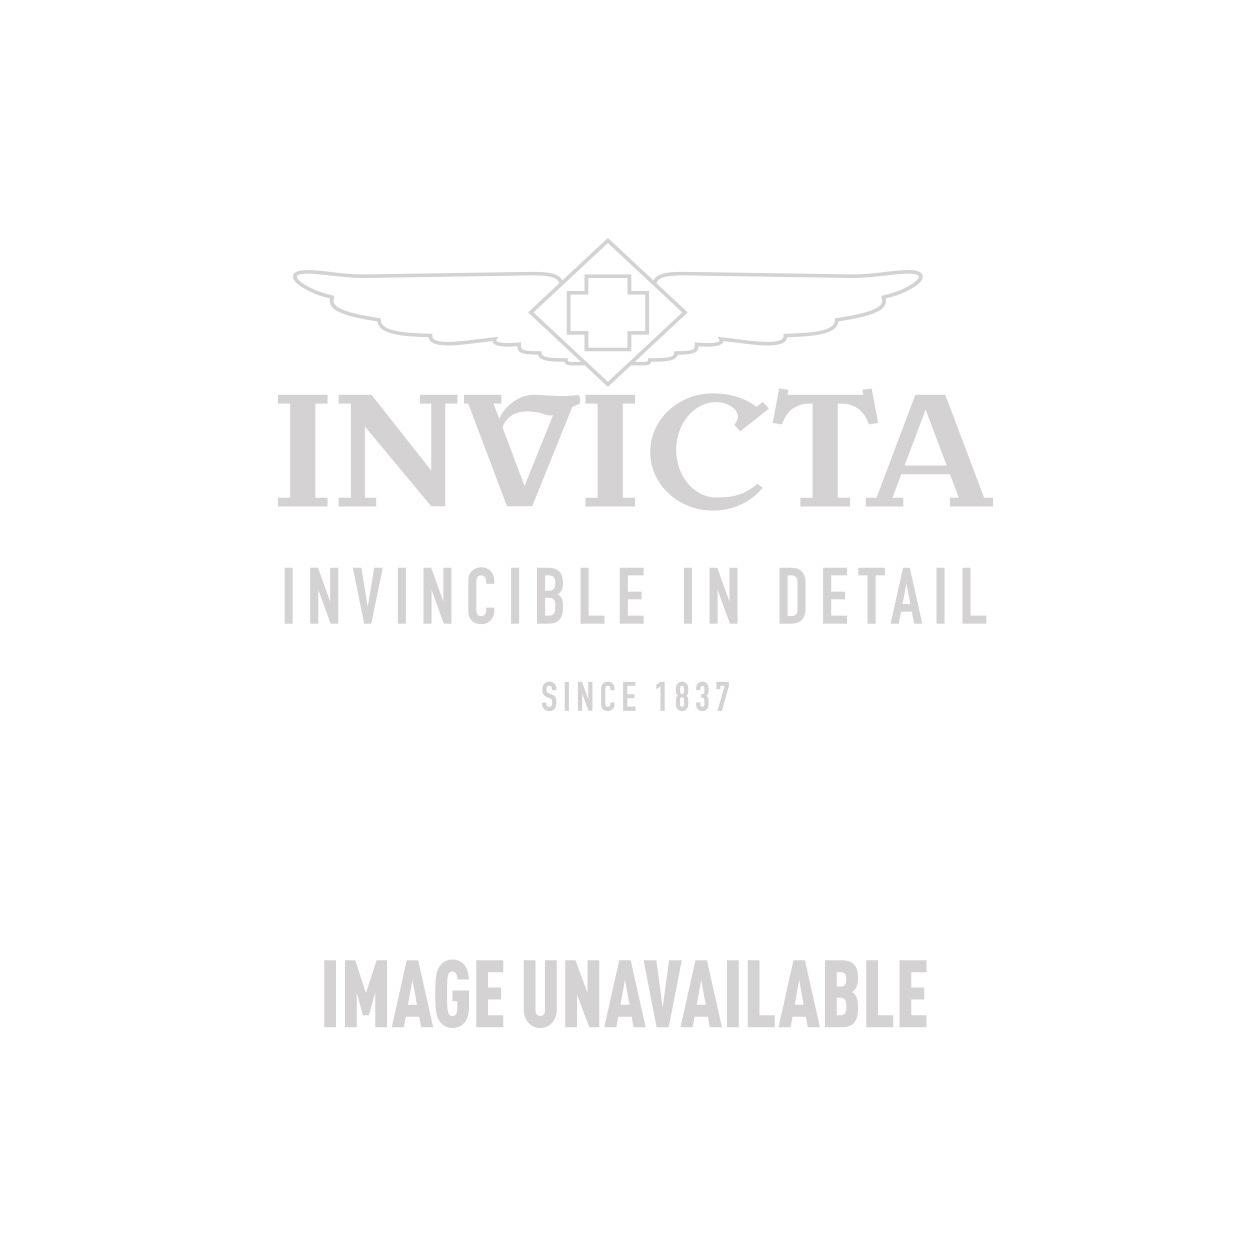 Invicta Model 25013